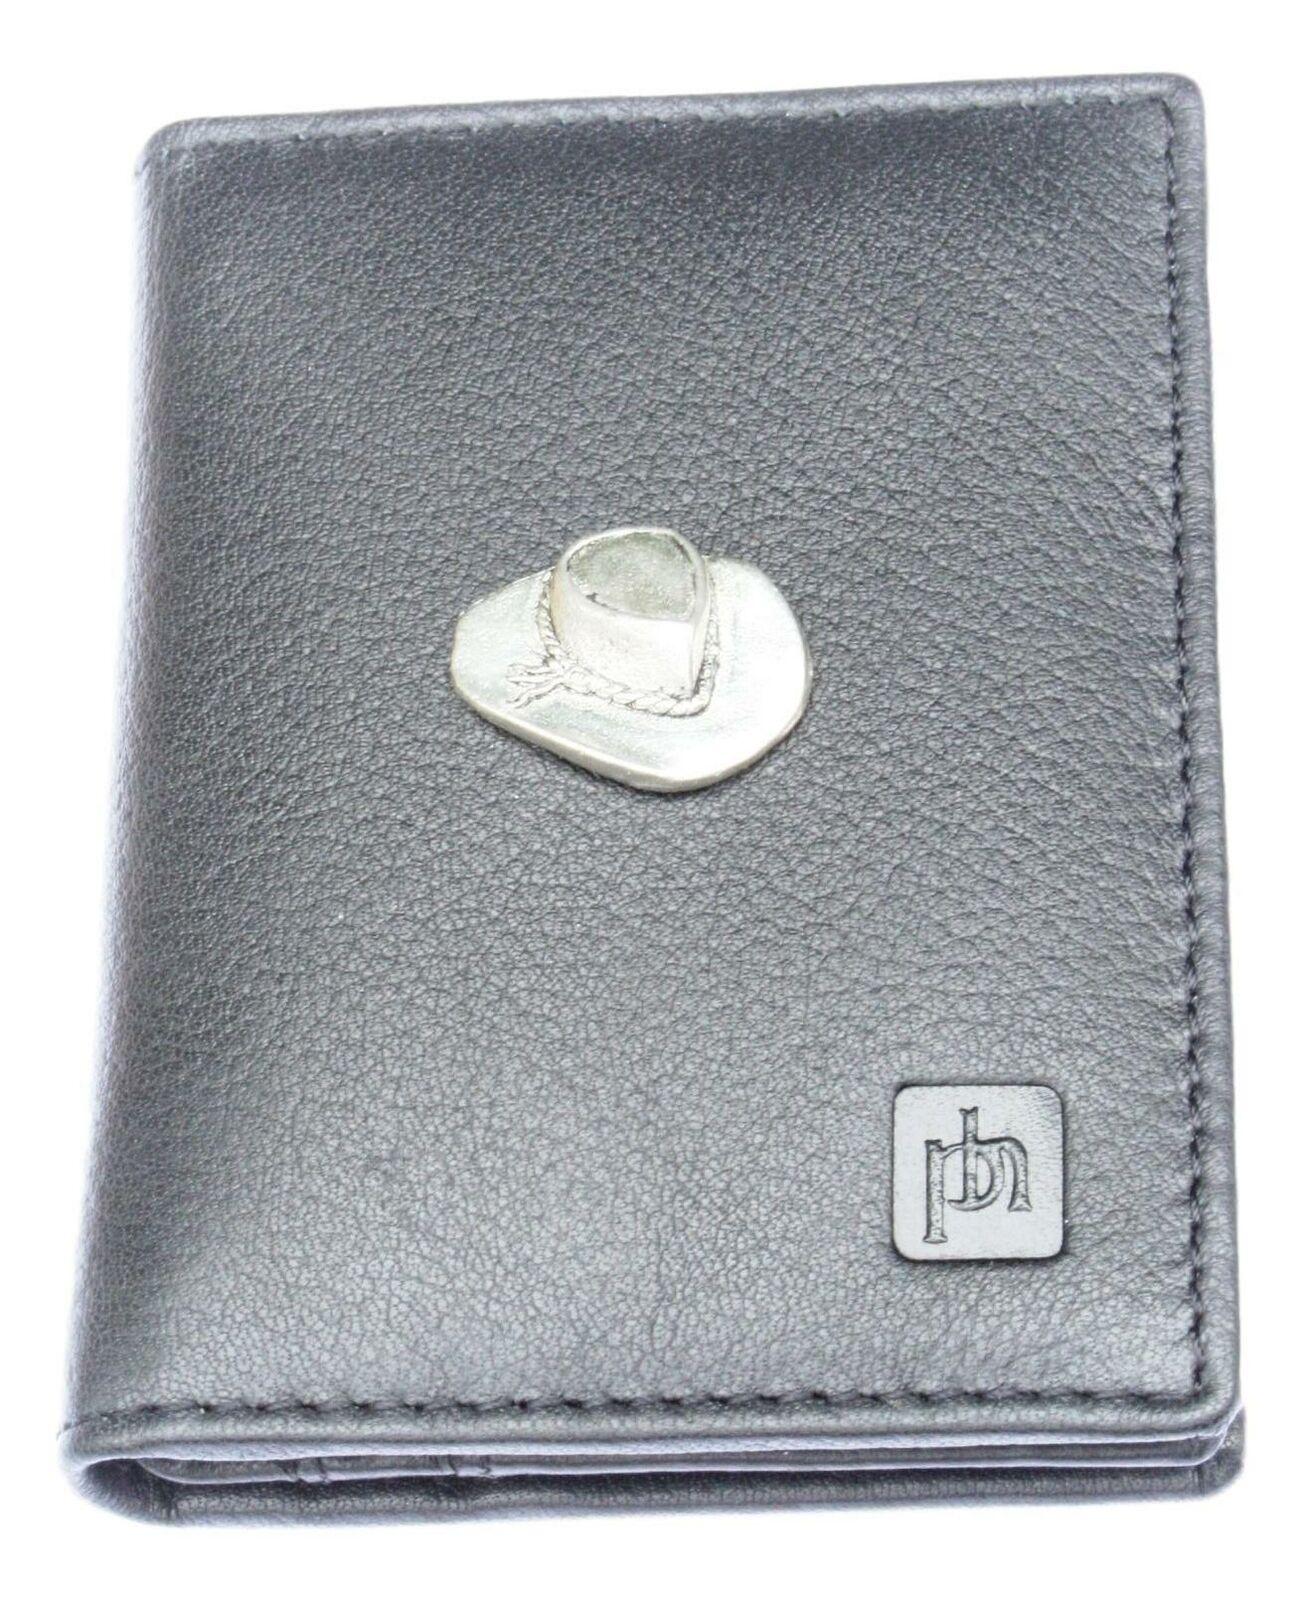 Cowboy Hat Bifold Card Holder Leather Black Wallet RFID Safe 85